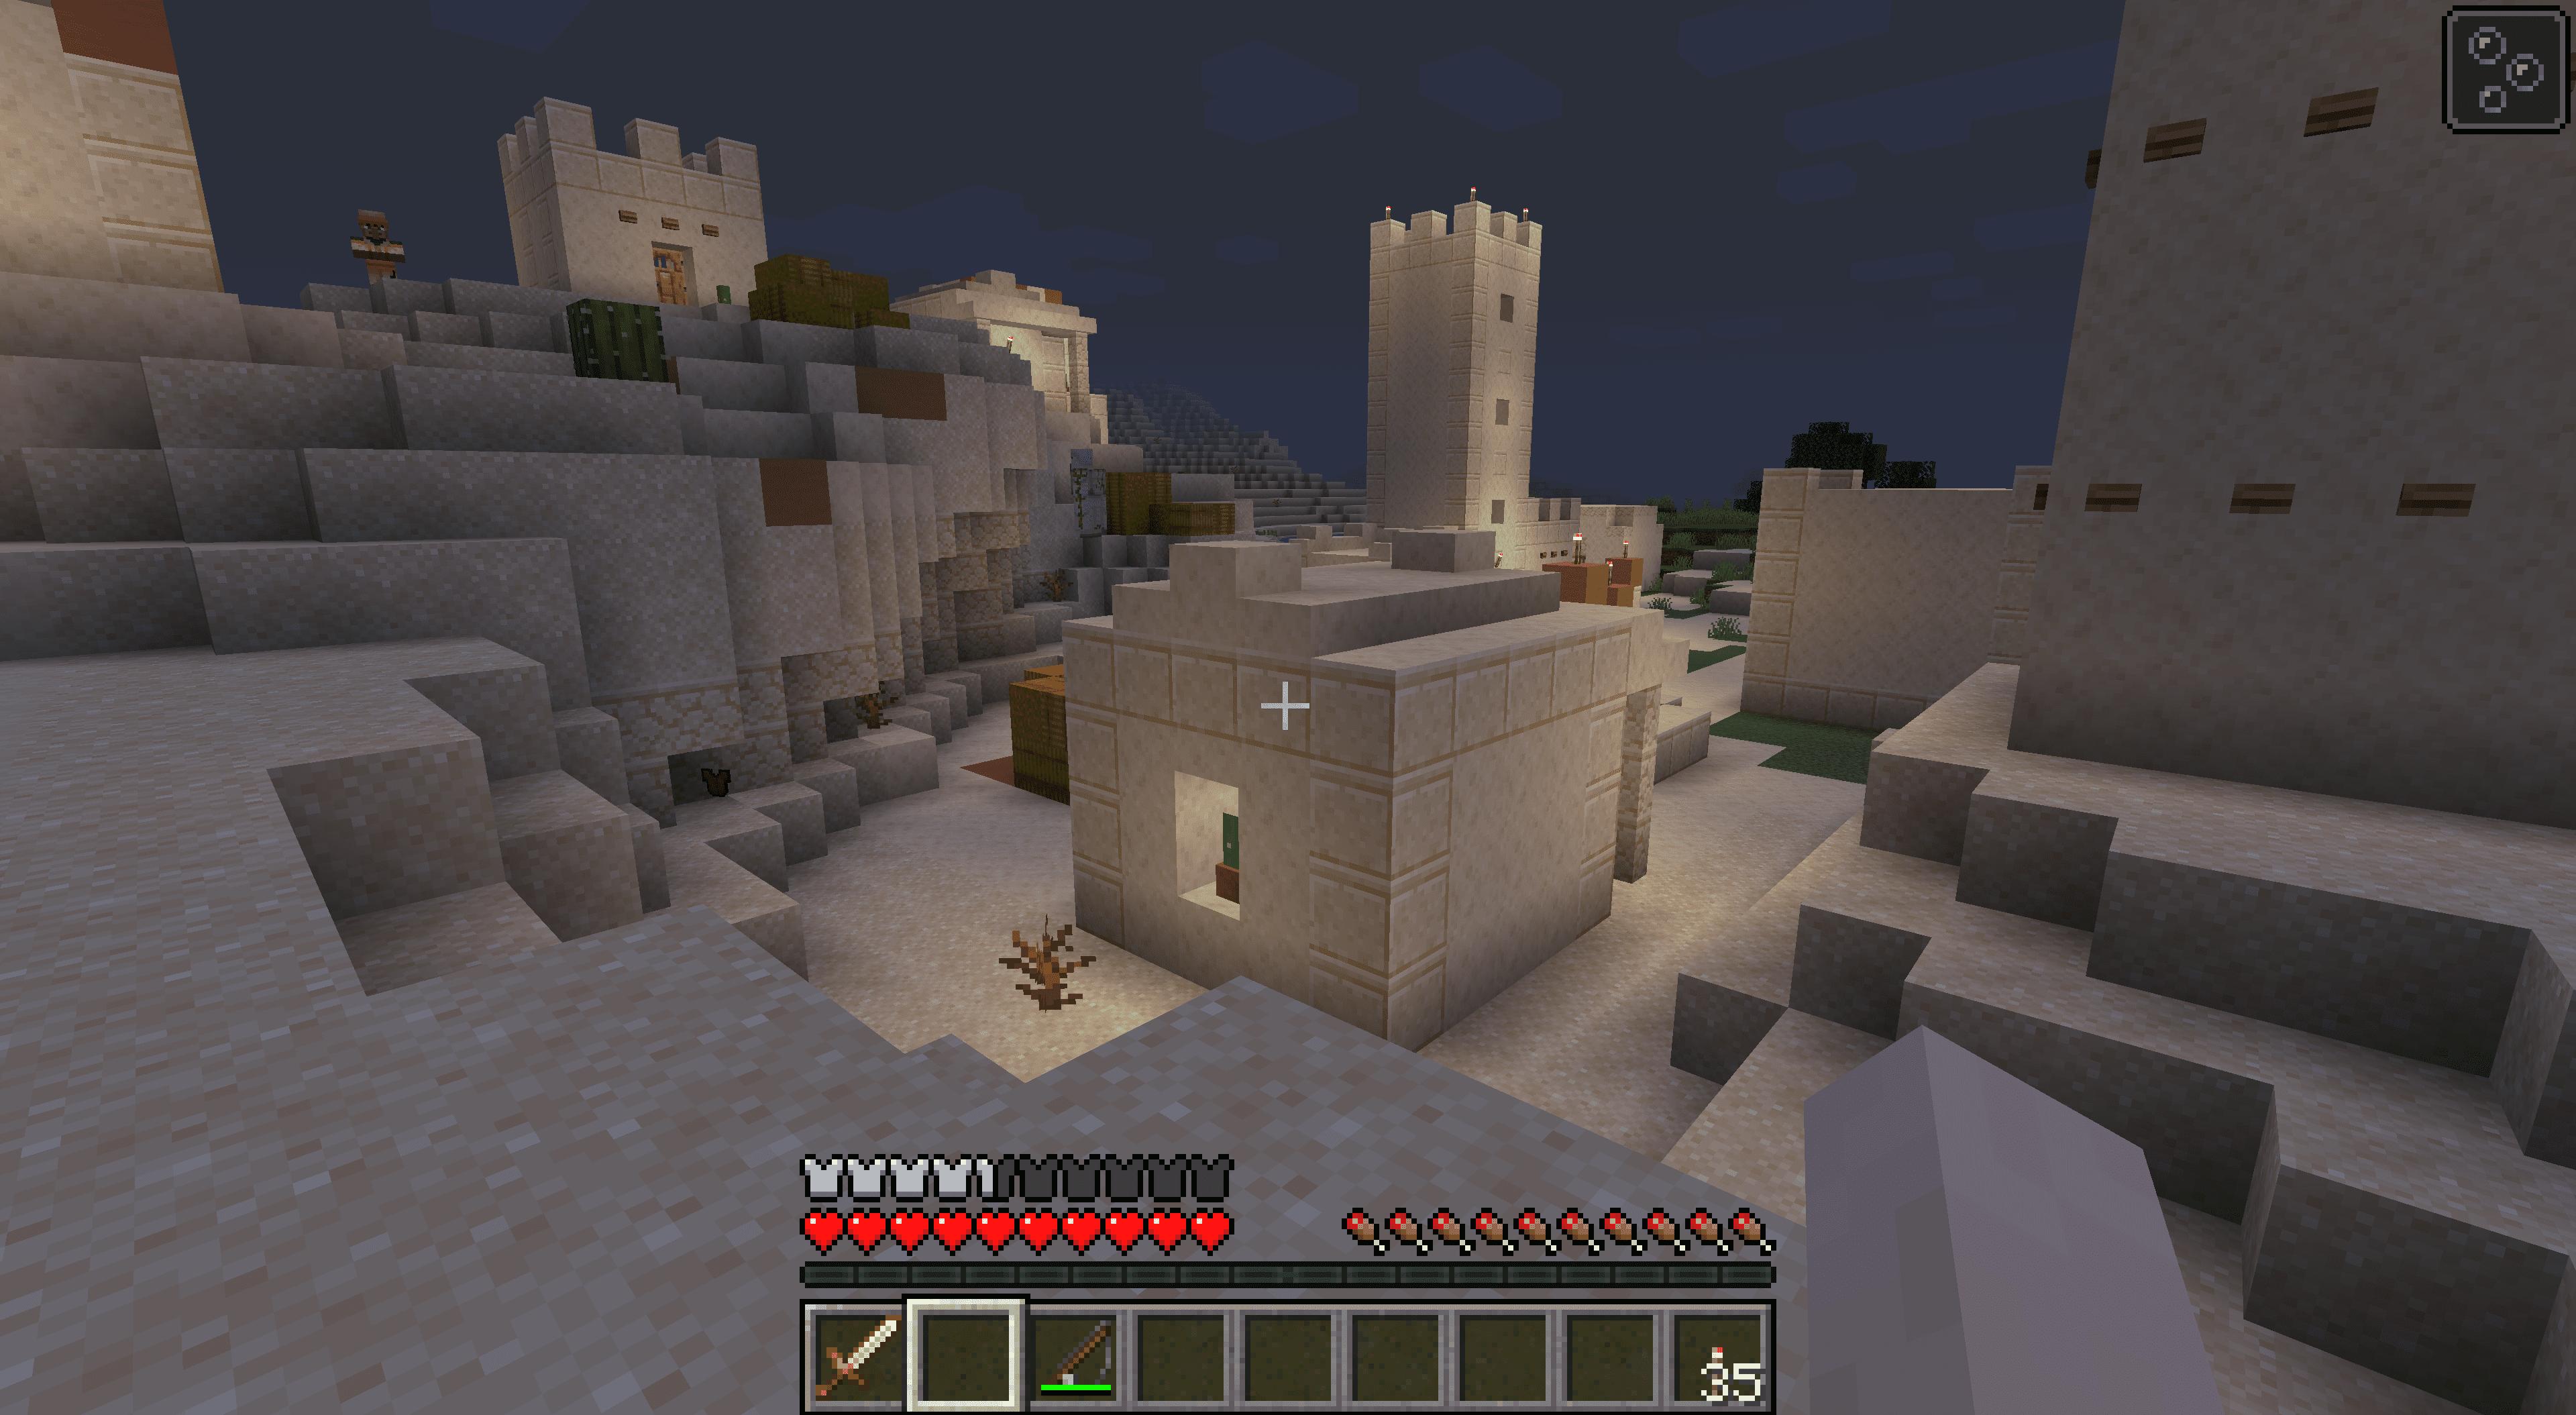 A desert village in Minecraft.